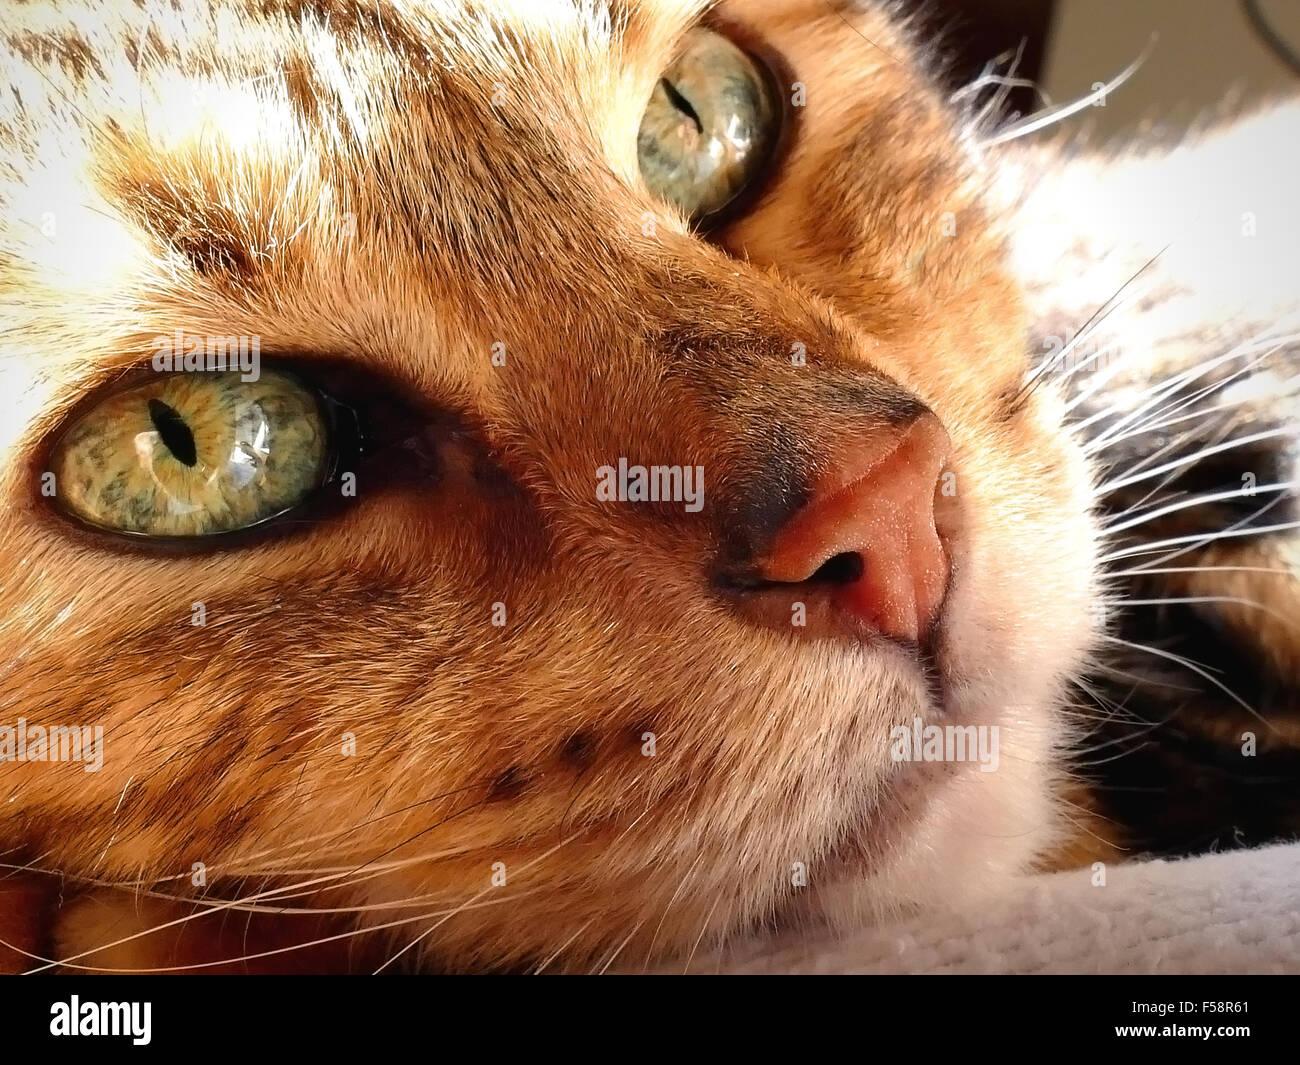 Bengal cat: Snoozing bengal cat head closeup - Stock Image